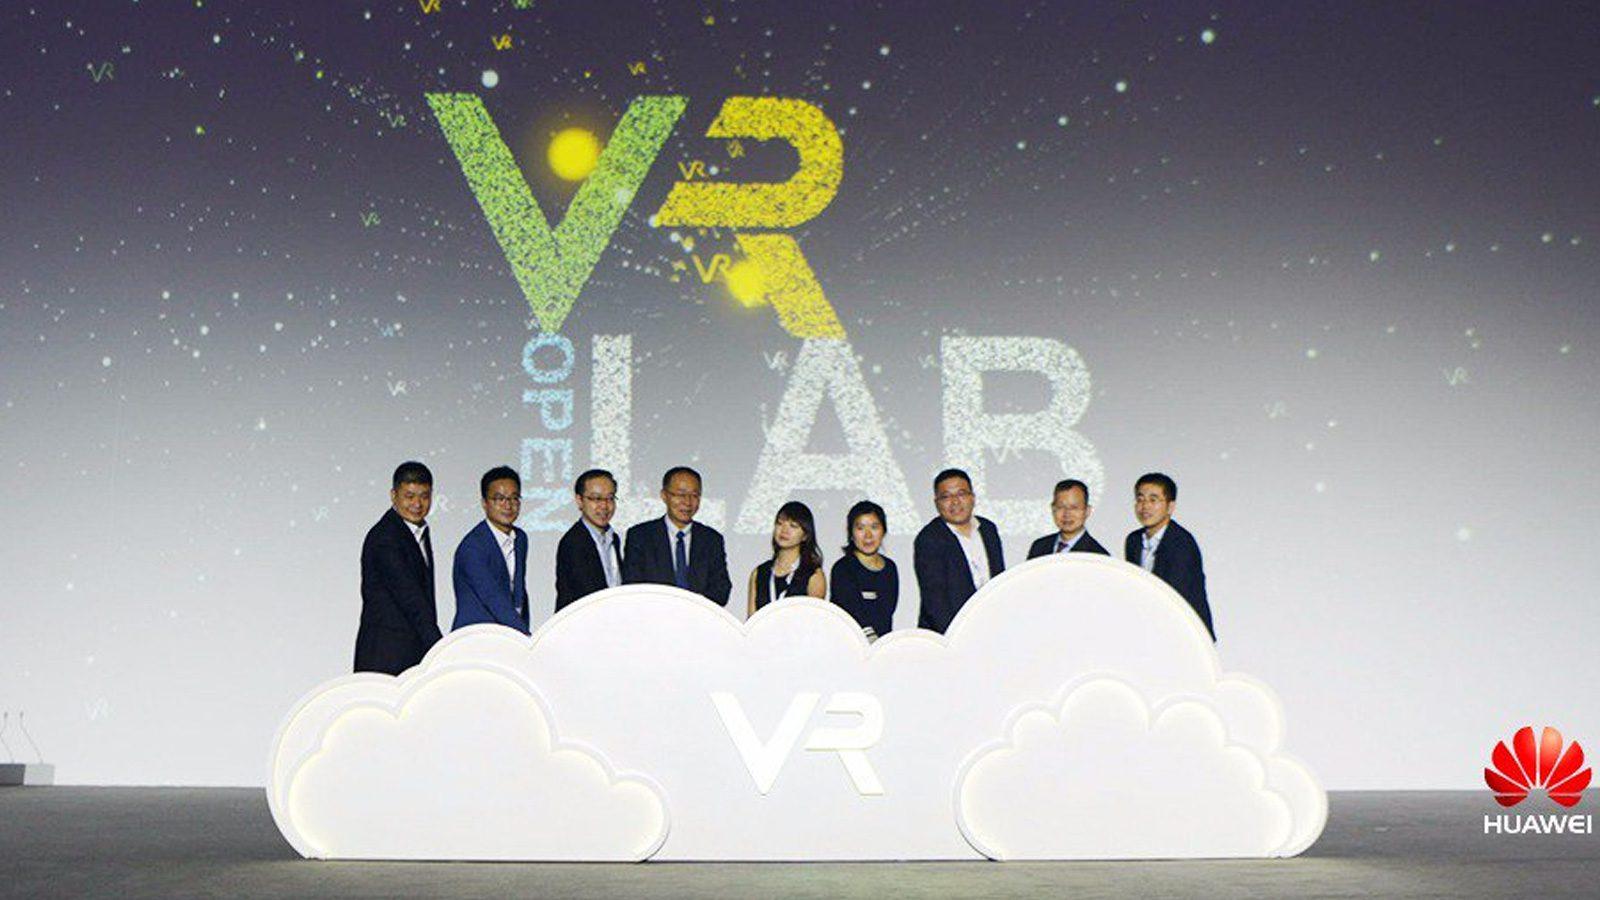 Cloud VR Initiative